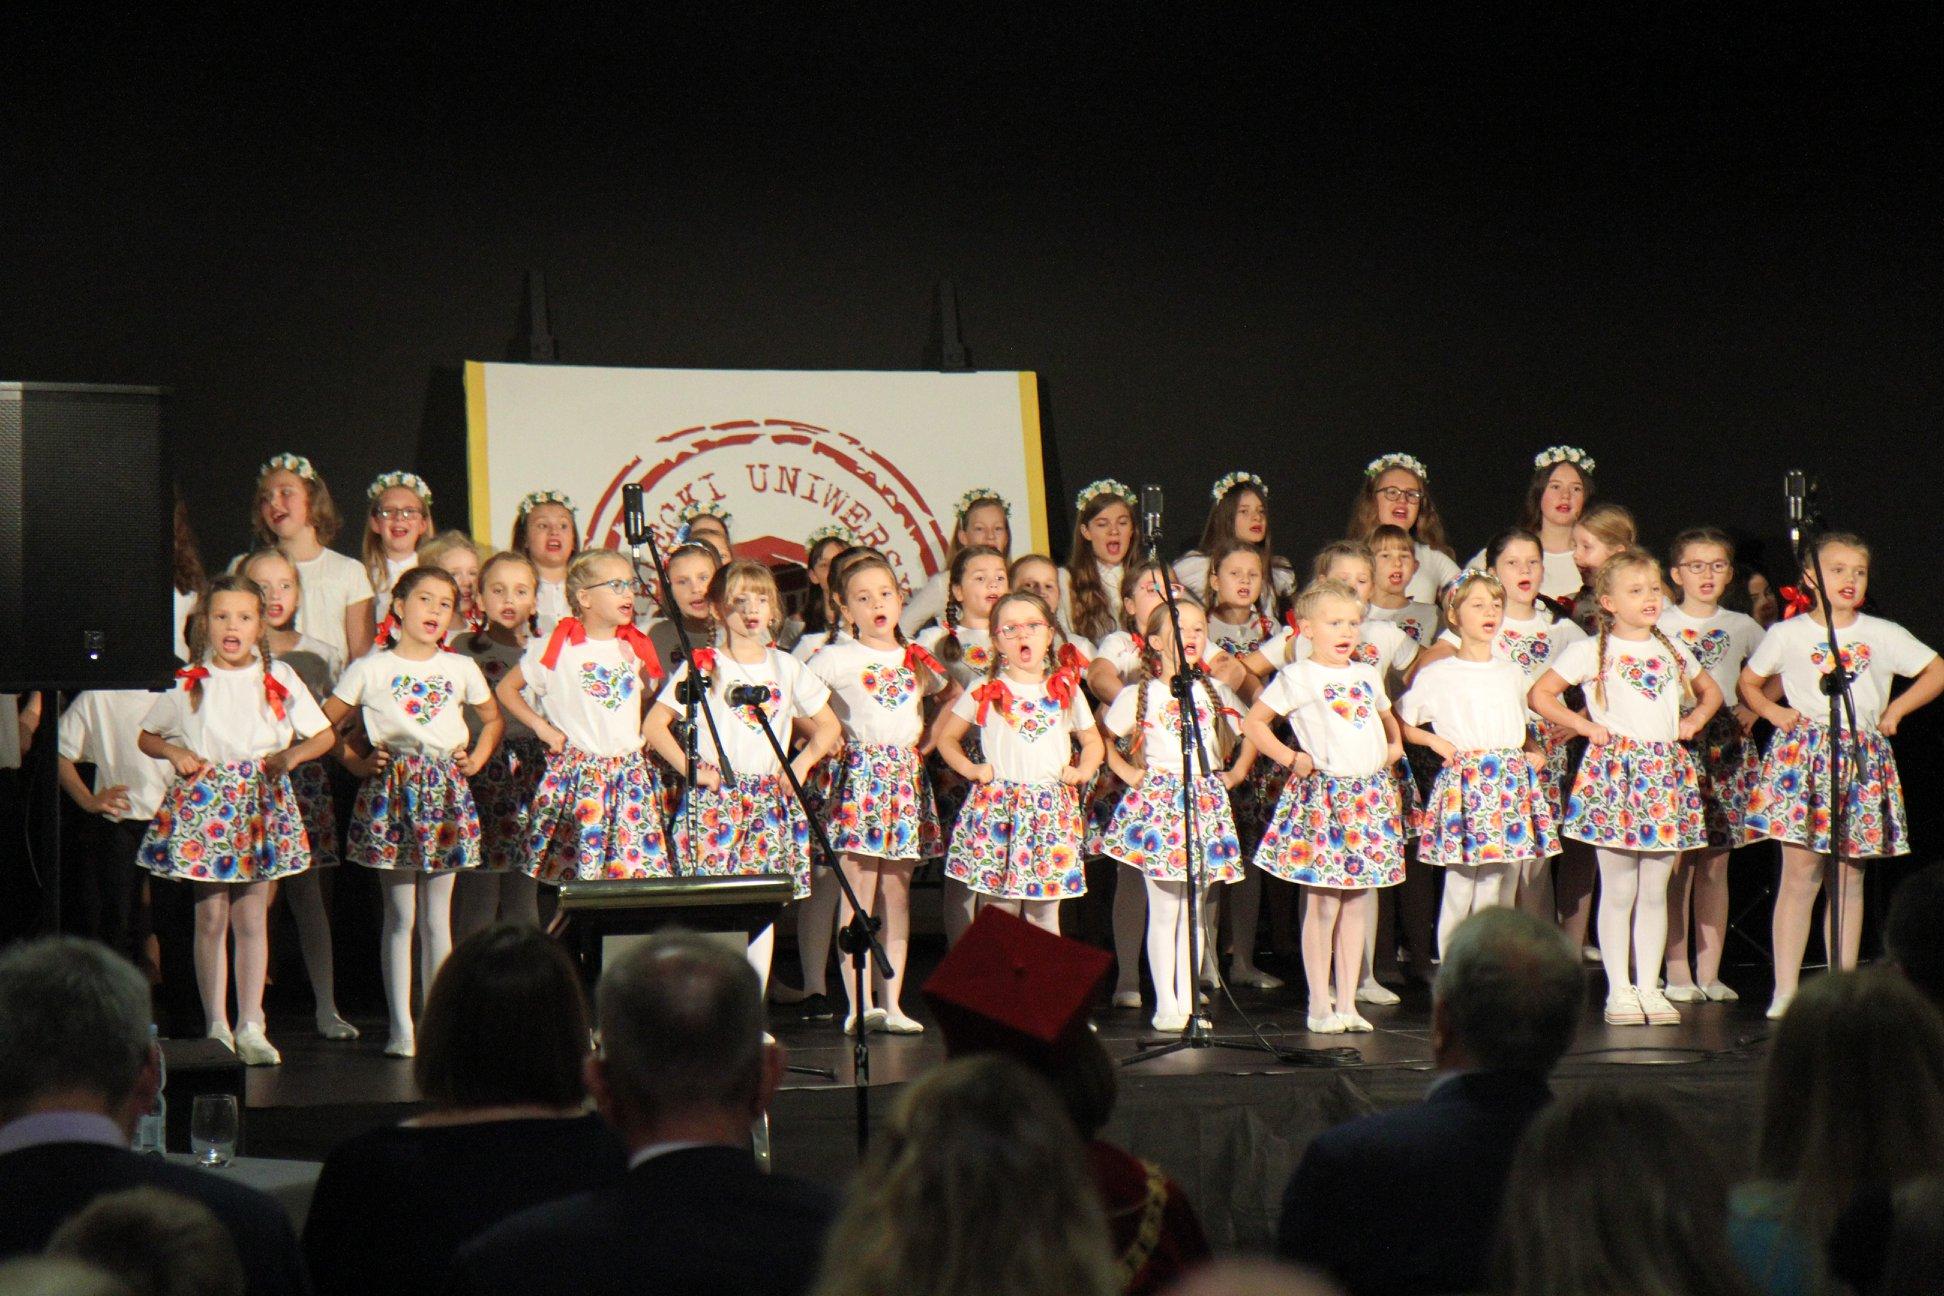 Wielka inauguracja Mieleckiego Uniwersytetu Dziecięcego - Zdjęcie główne